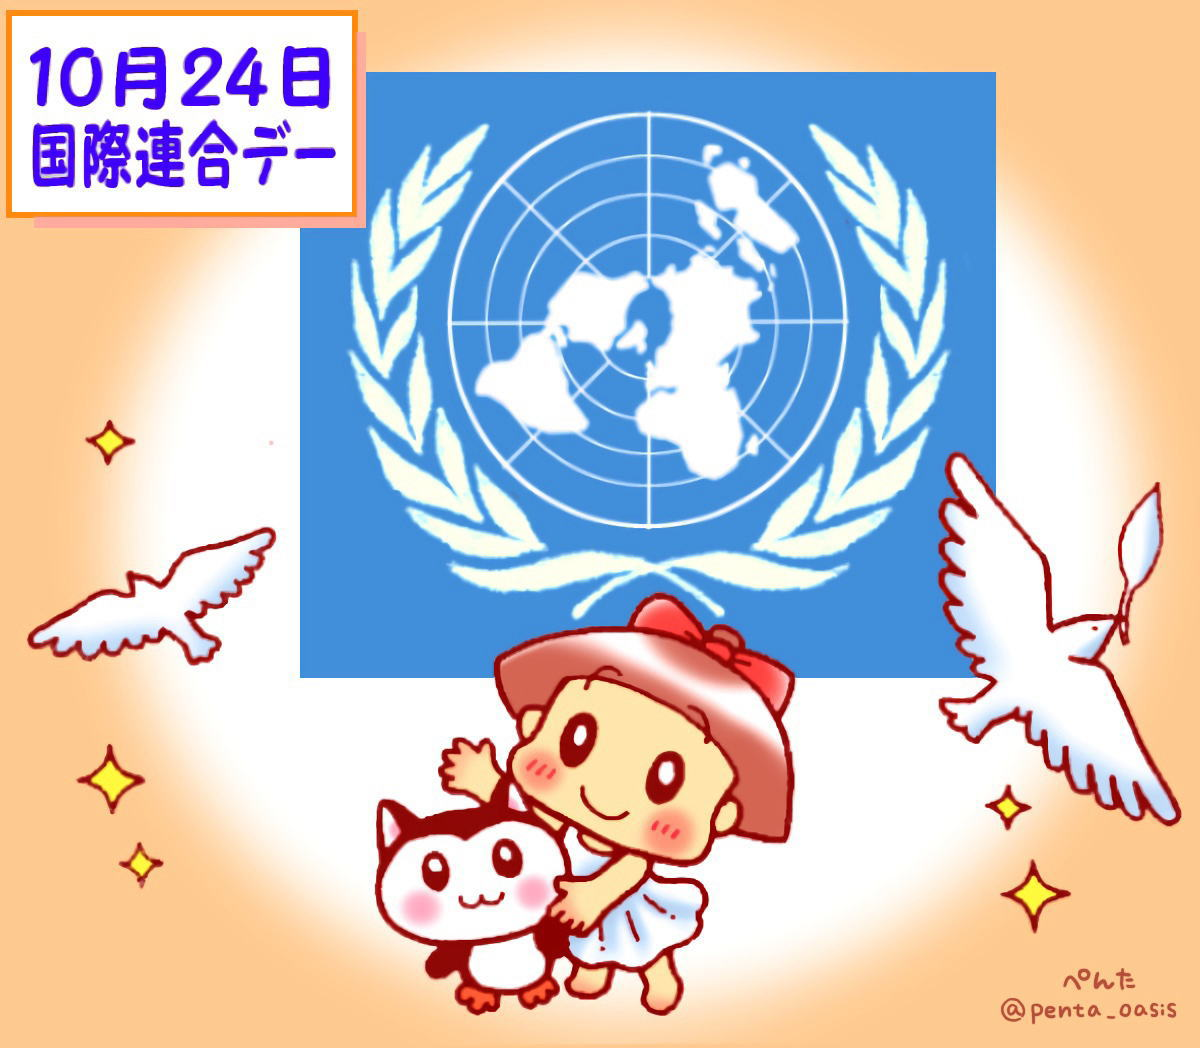 10月24日 国際連合デー <366日...